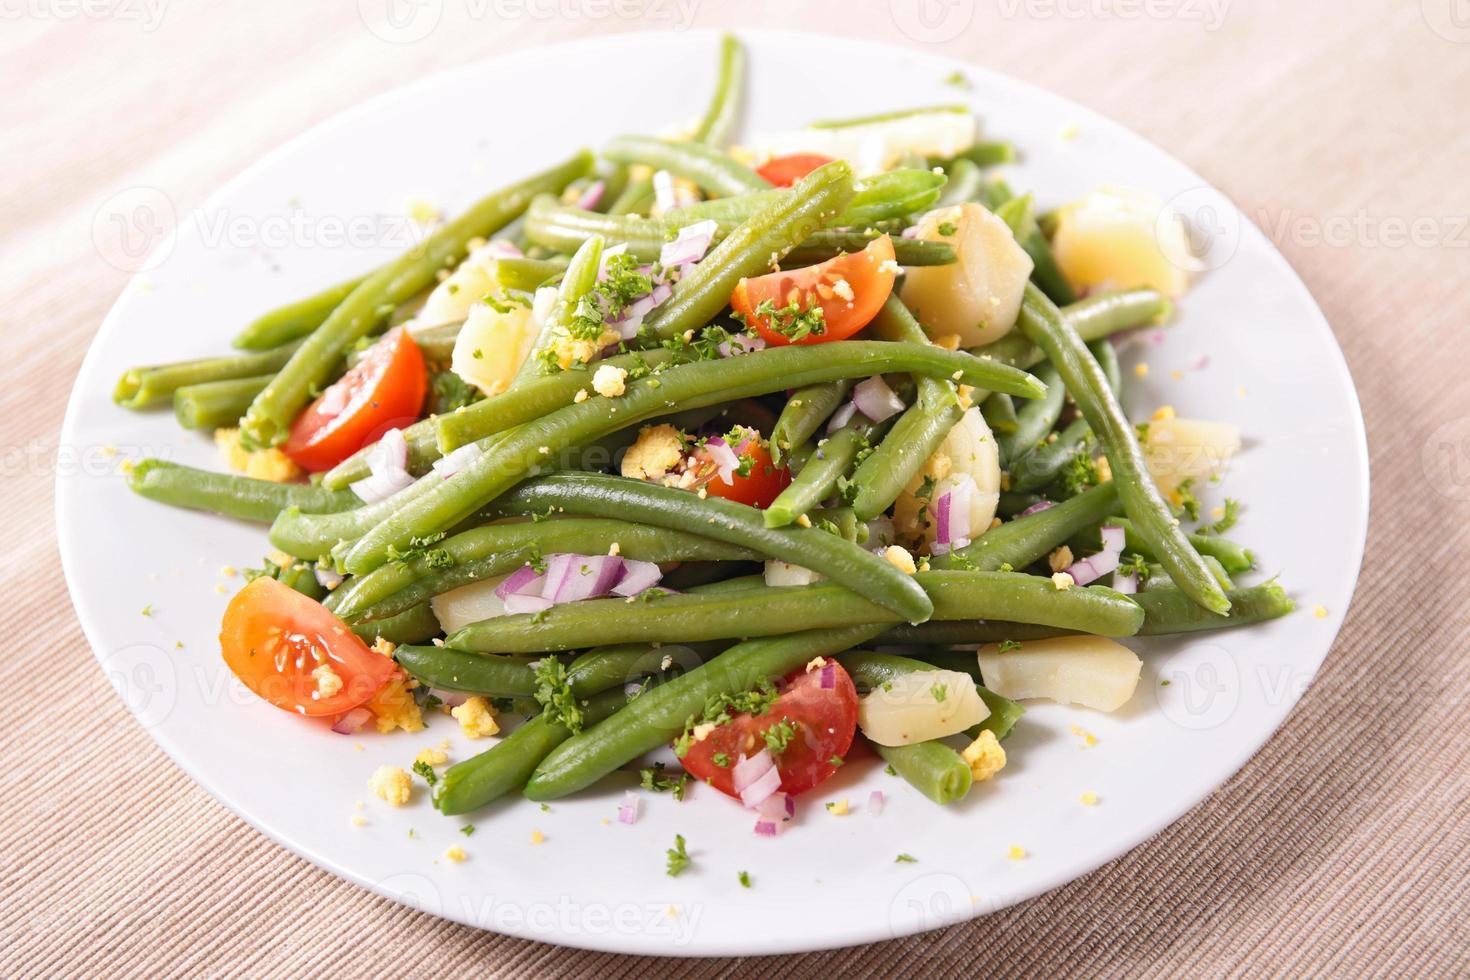 salade de haricots verts à la tomate et aux œufs photo